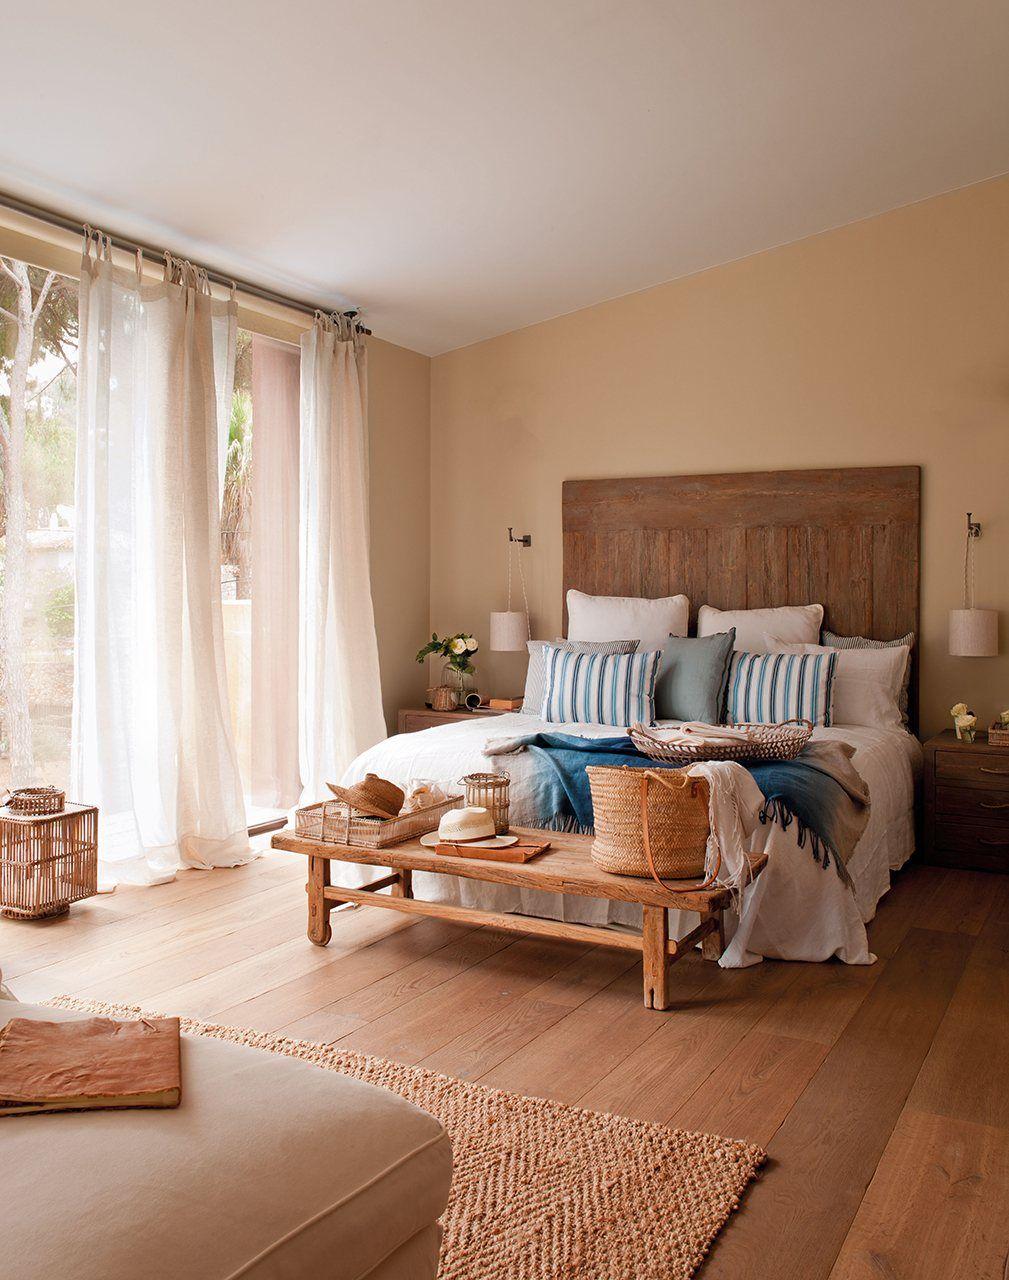 Dormitorio cabecero aplique y cortinas de cado ropa de - Cabeceros de dormitorios ...